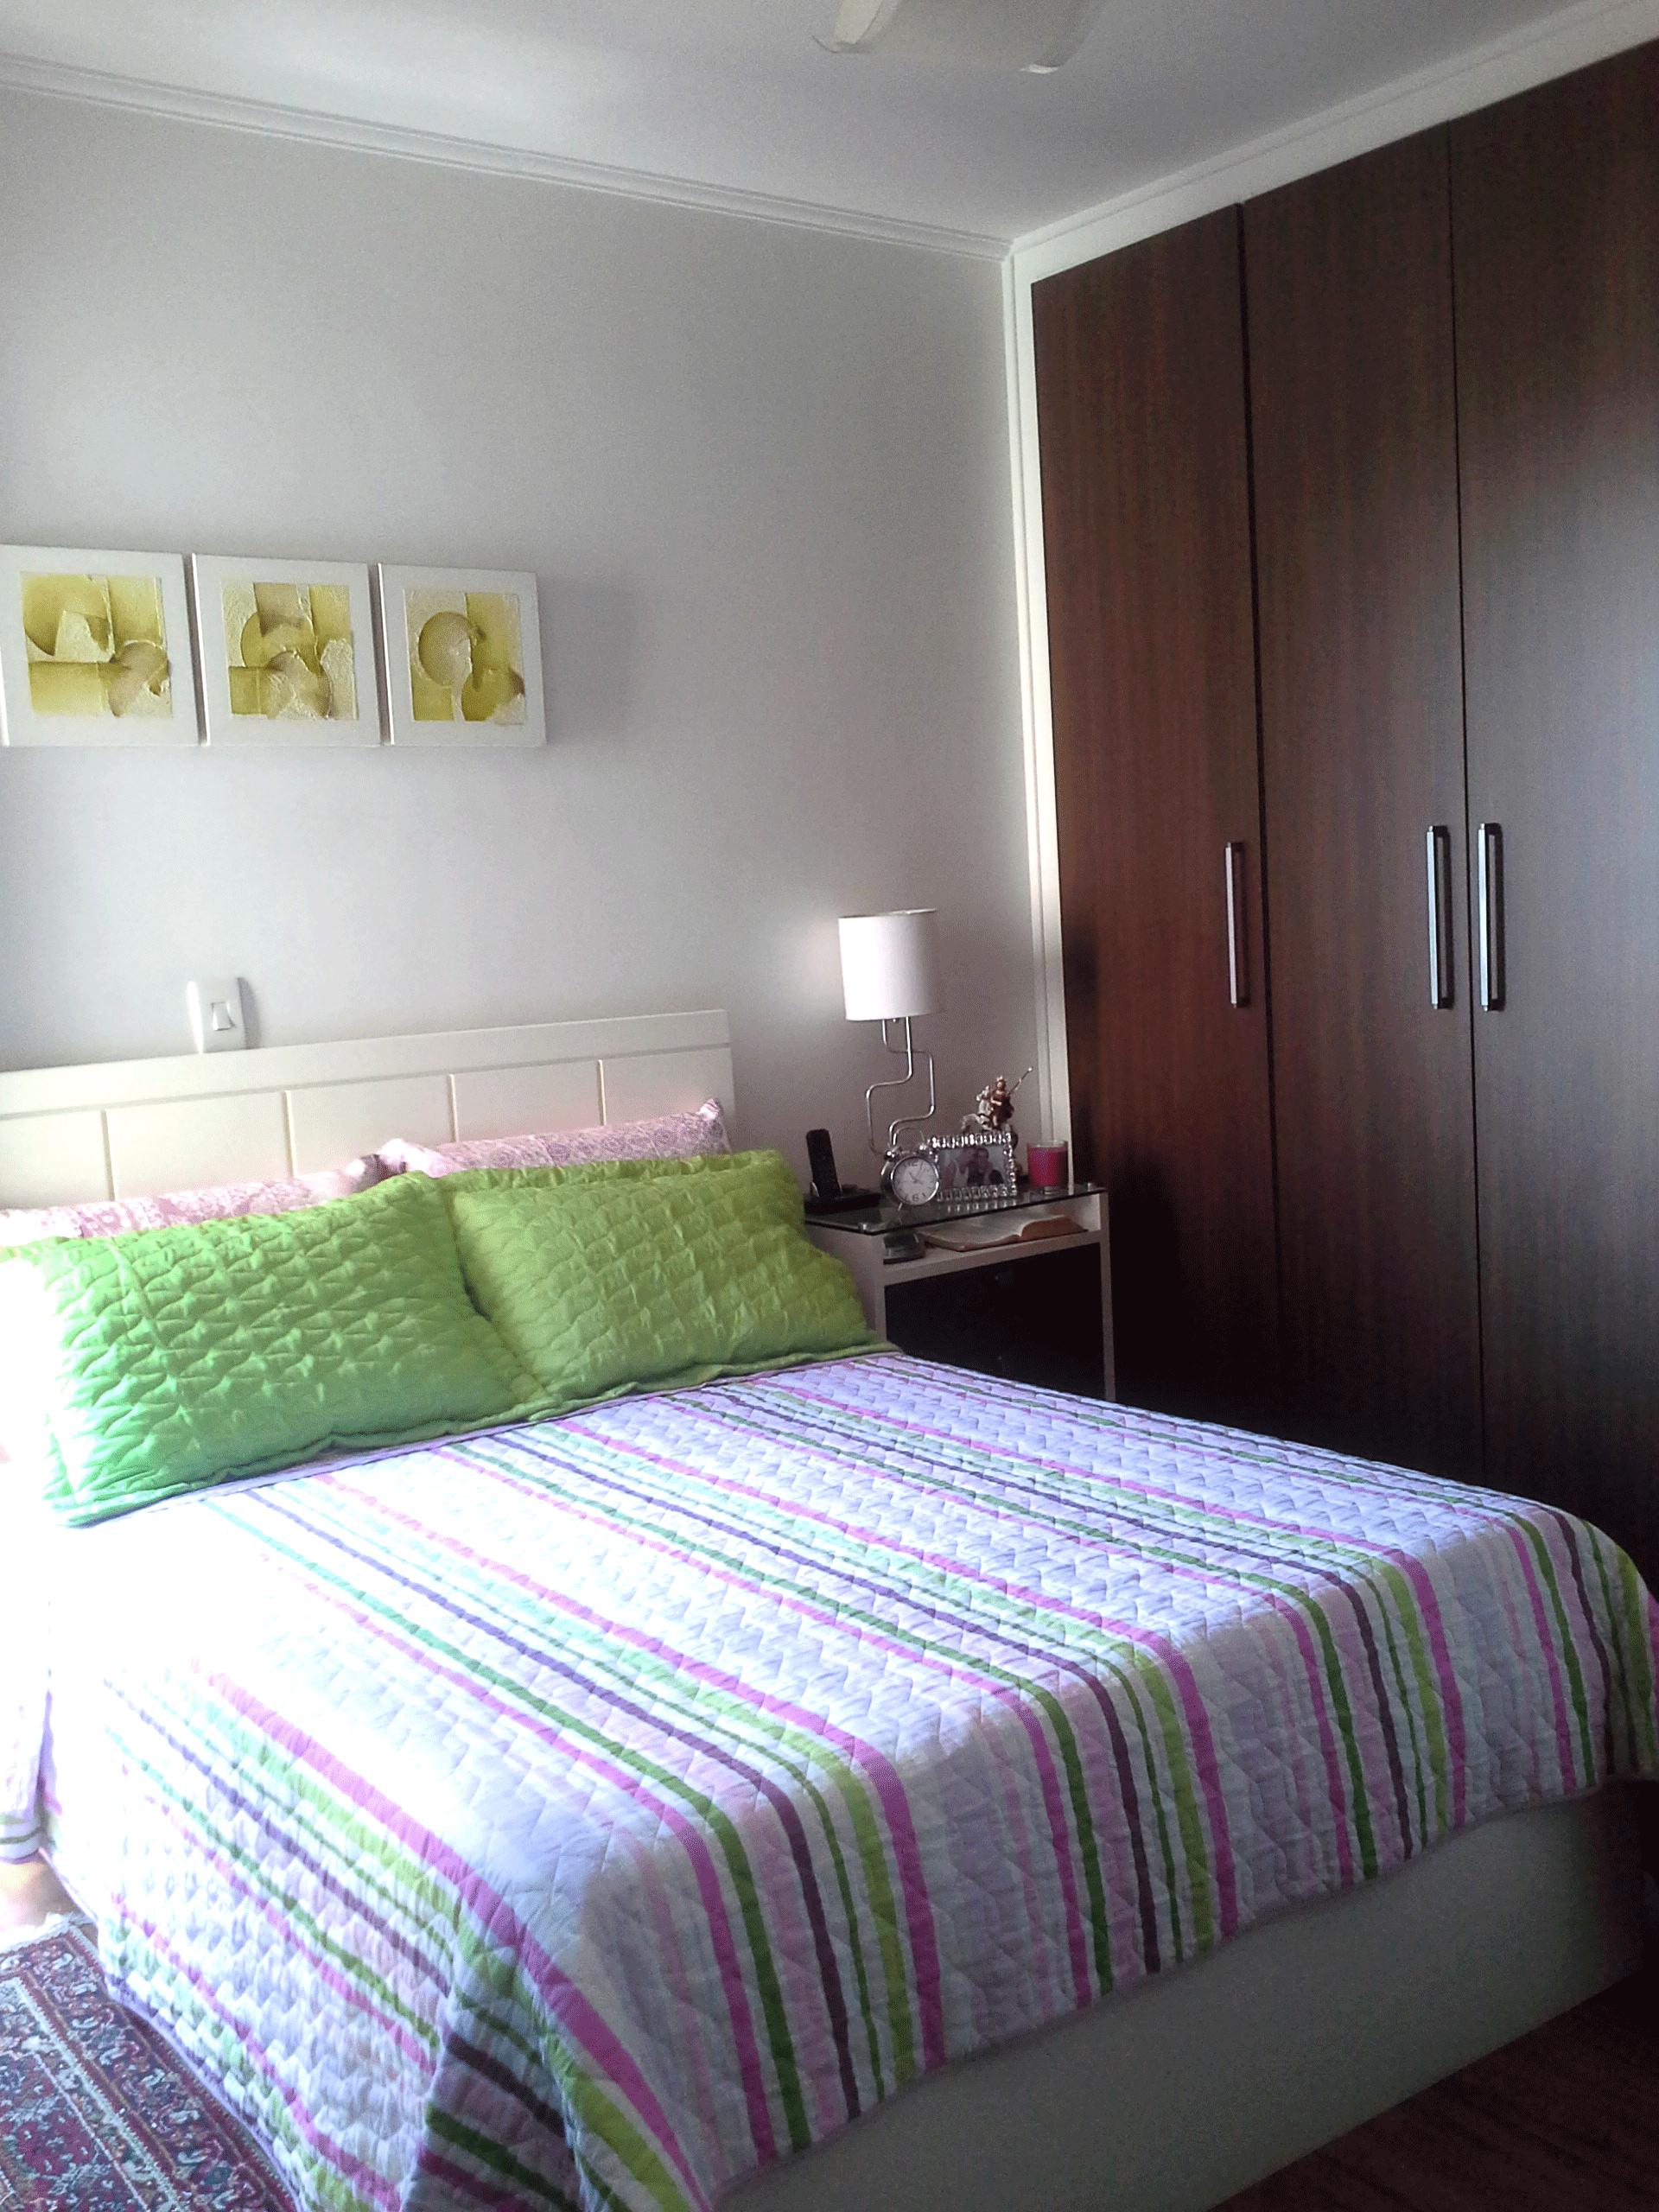 Ipiranga, Apartamento Padrão-Dormitório com piso laminado, moldura de gesso, armários planejados e sacada.